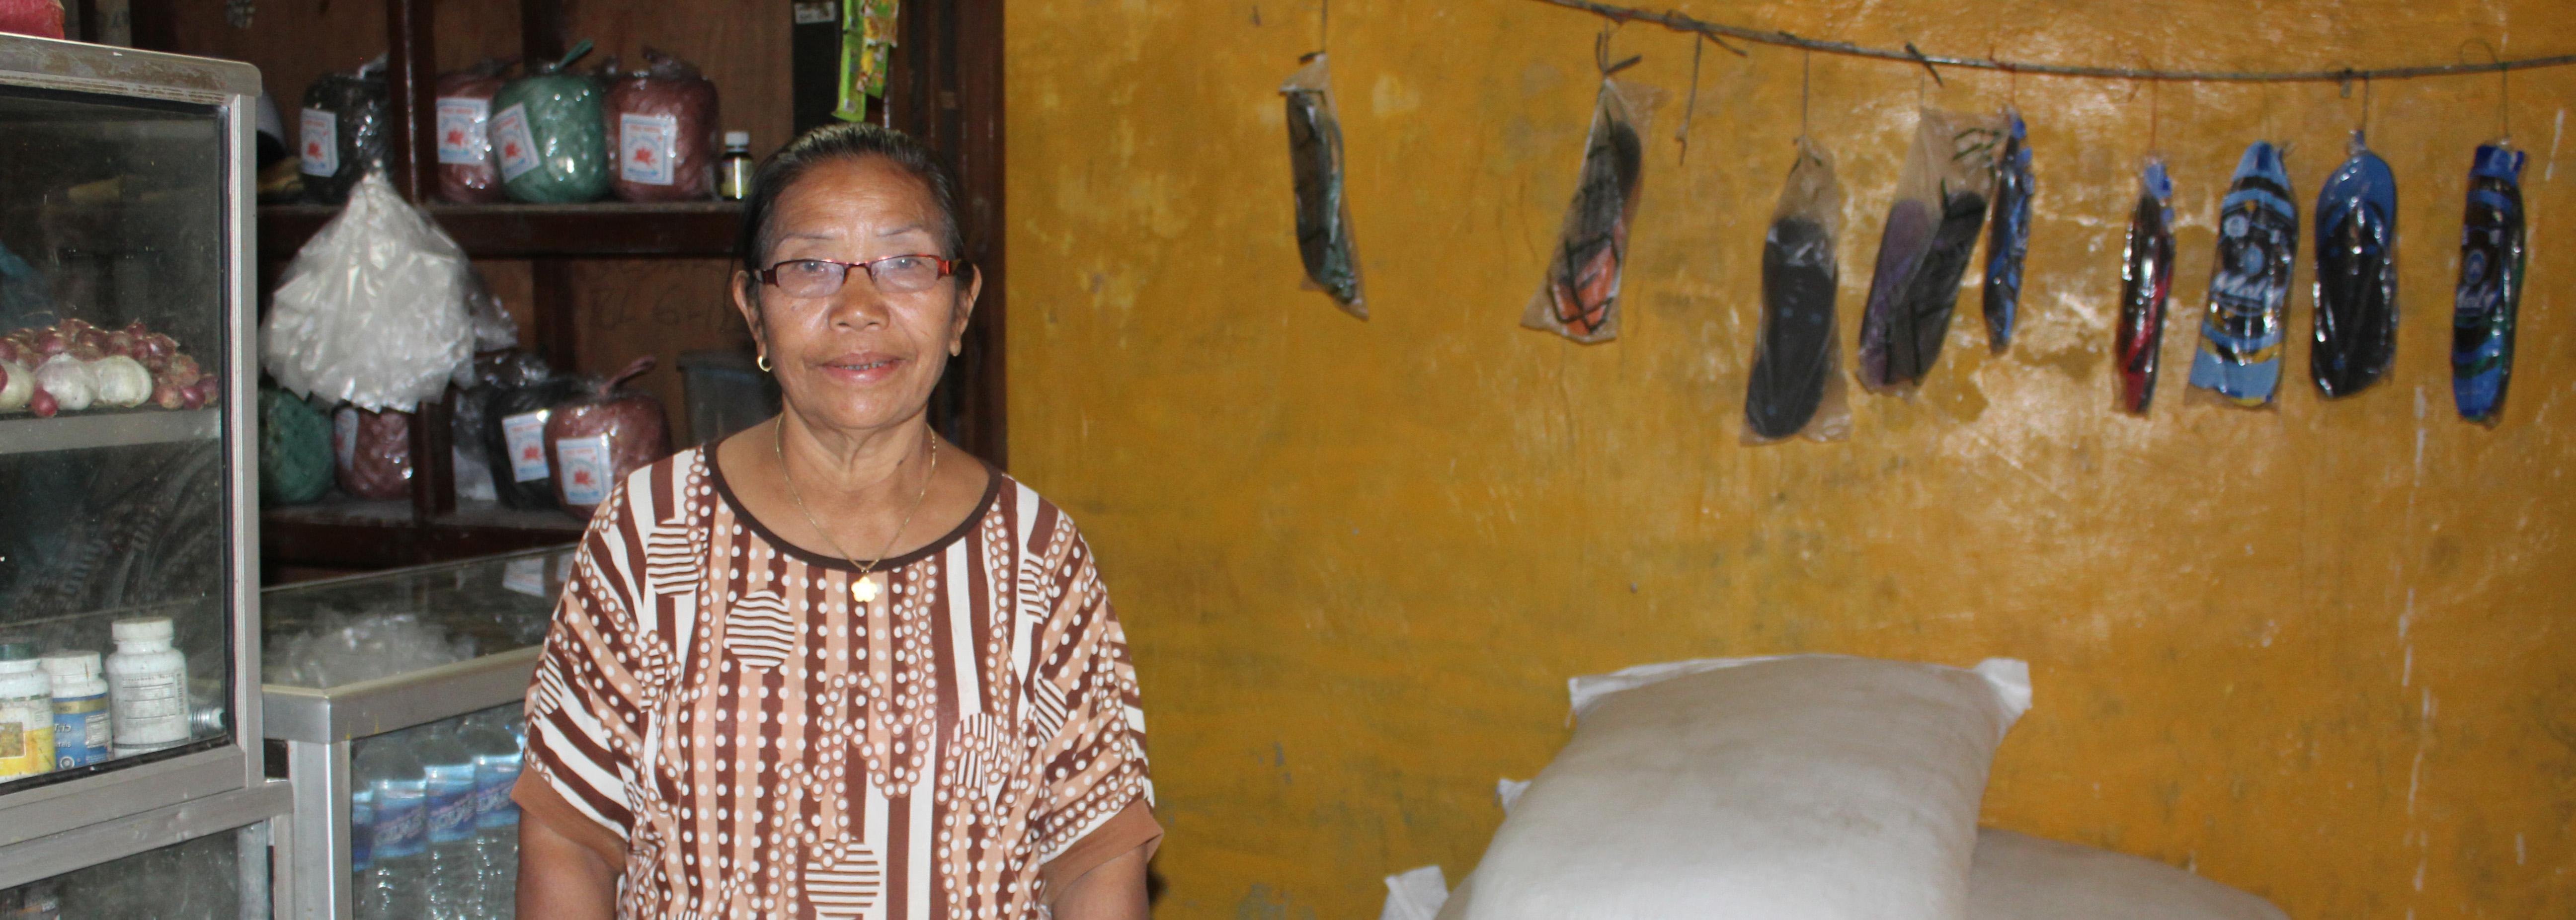 Empowering Sumbanese Women through Entrepreneurship